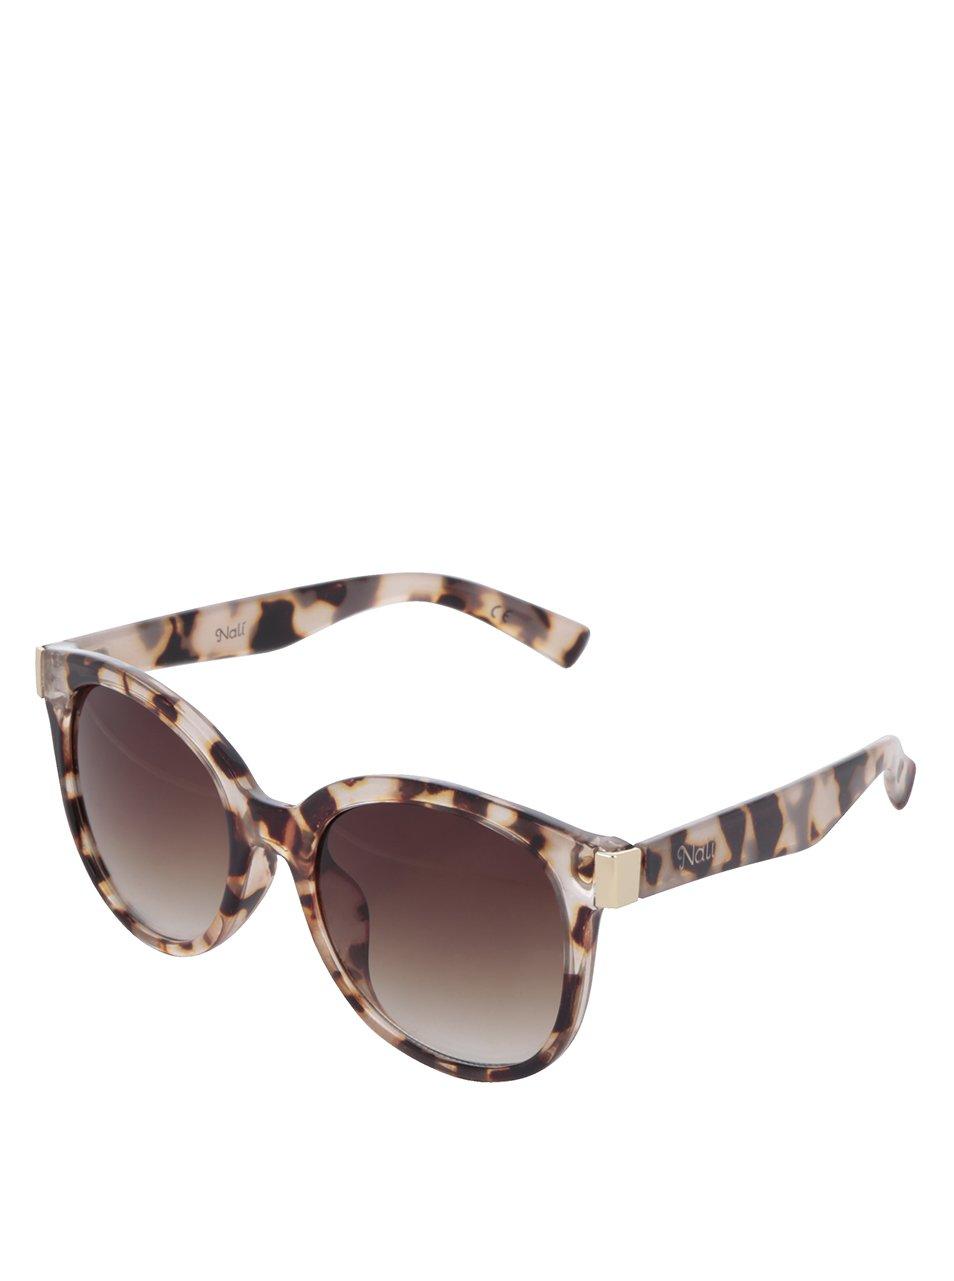 Transparentní dámské vzorované sluneční brýle s hnědými skly Nalí